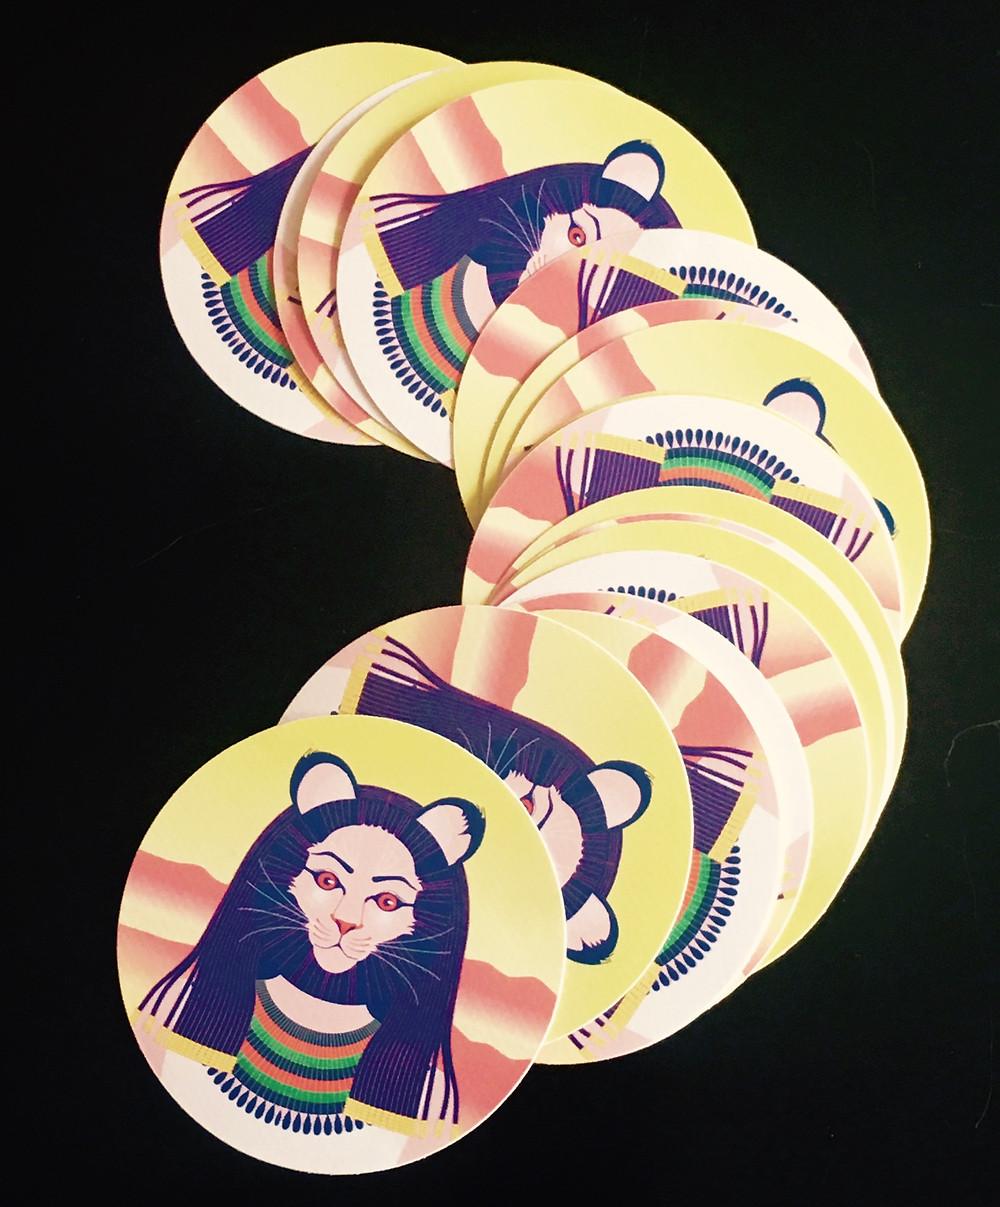 Je serai en dédicace au Salon de Montreuil le dimanche 1er décembre de 13 à 15 h sur le stand La Martinière. J'aurai d'indomptables stickers.